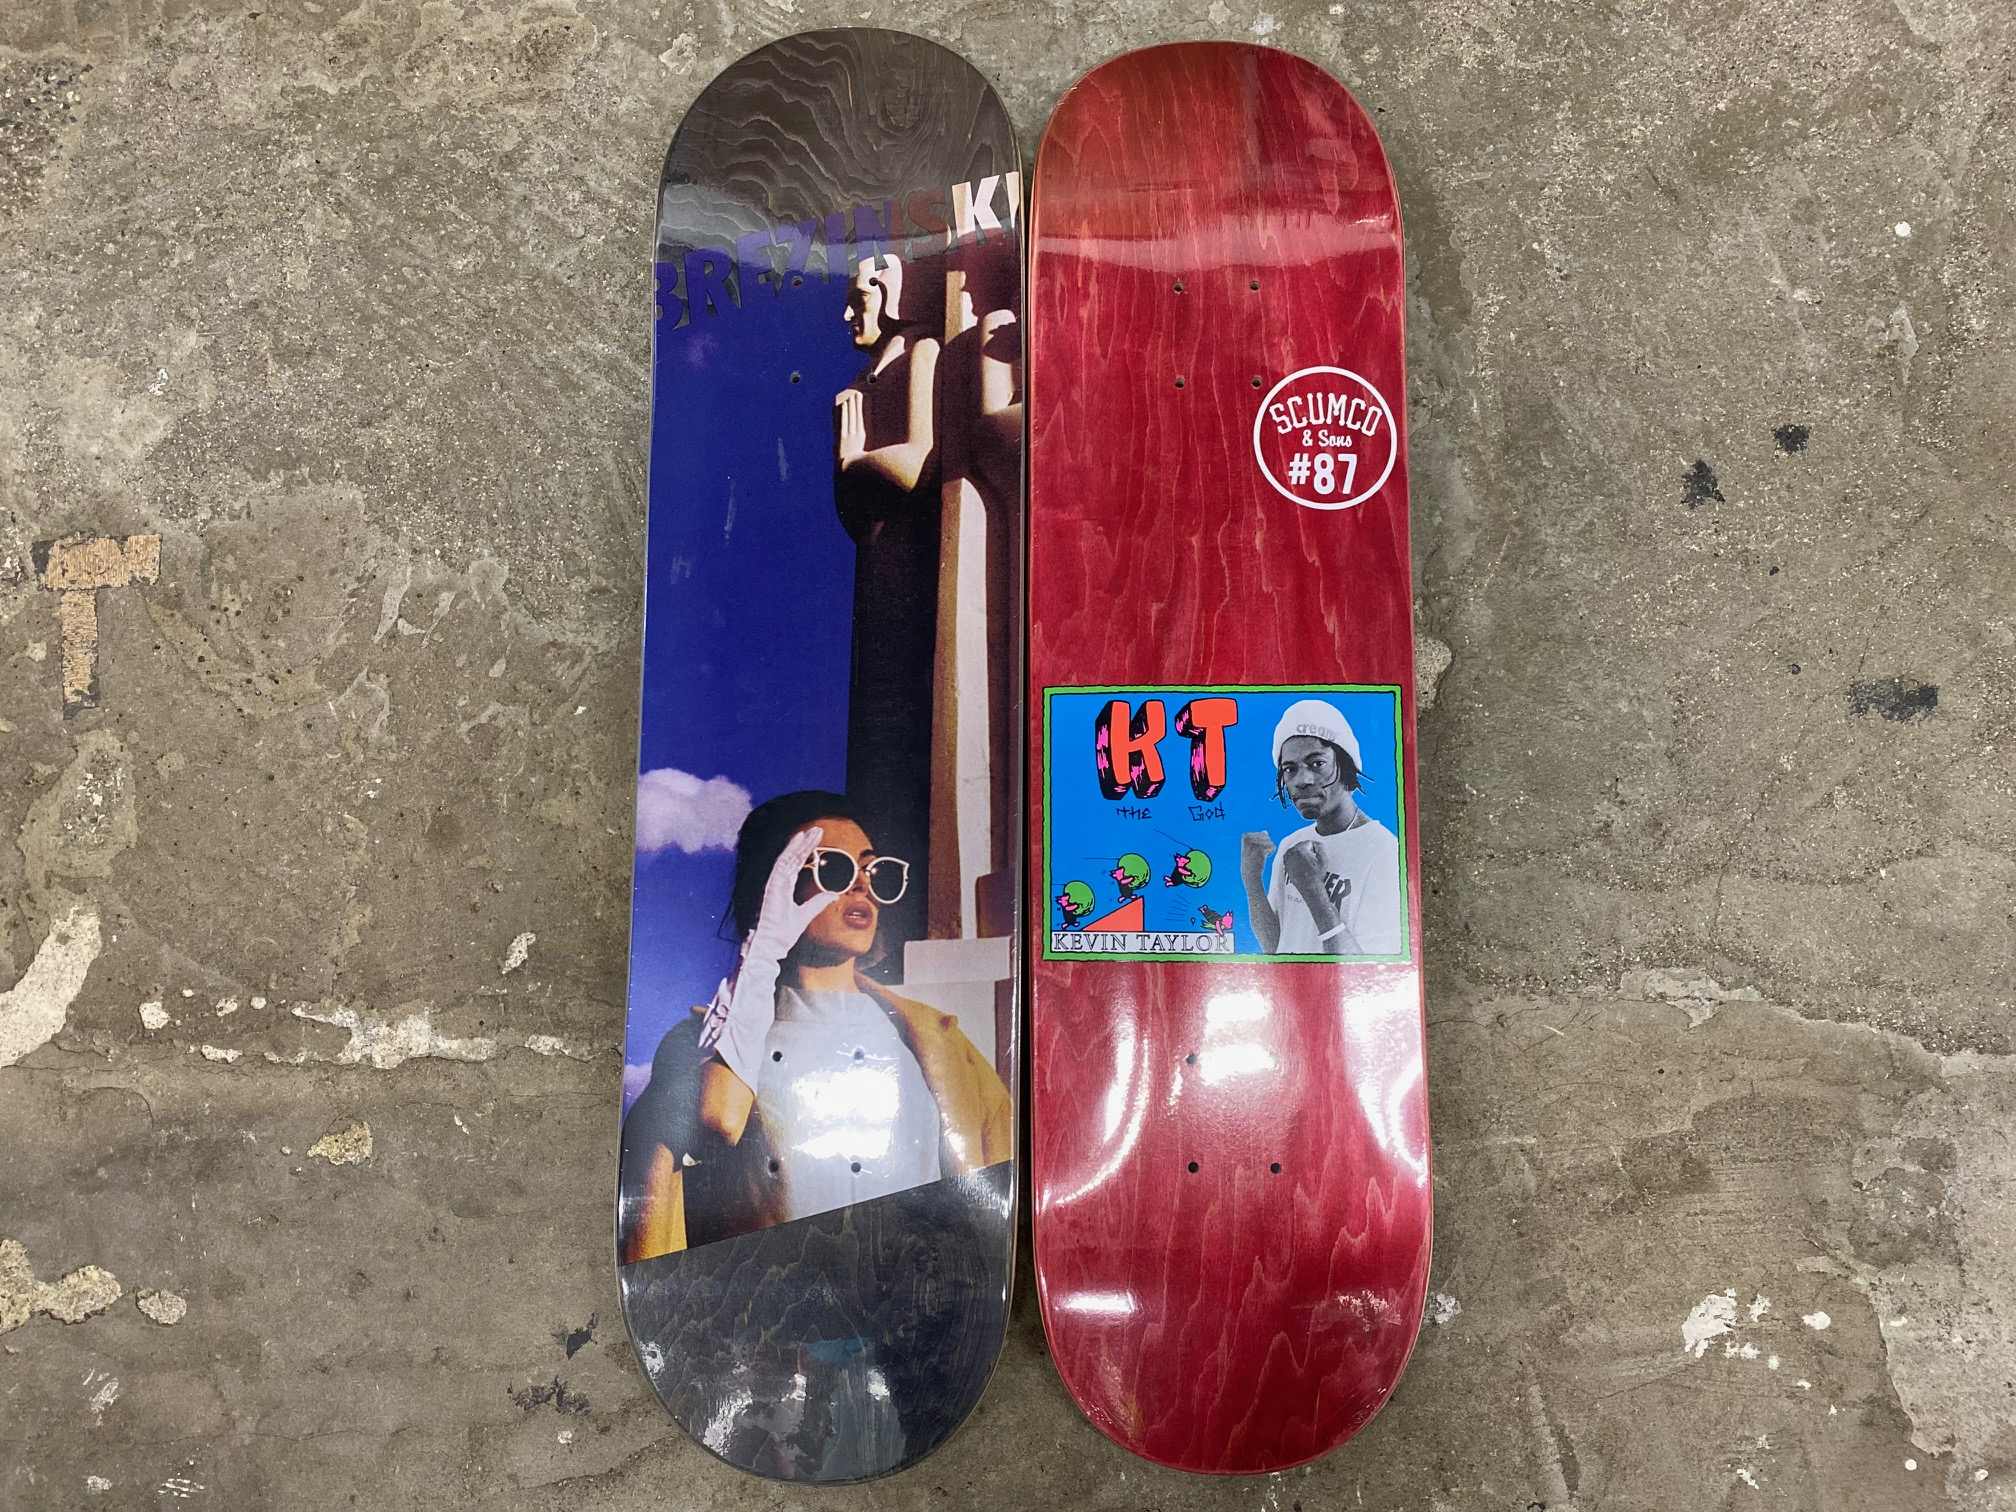 スケートアイテム V/SUAL、SCUMCO&SONS、Waywardウィール 入荷しました!!